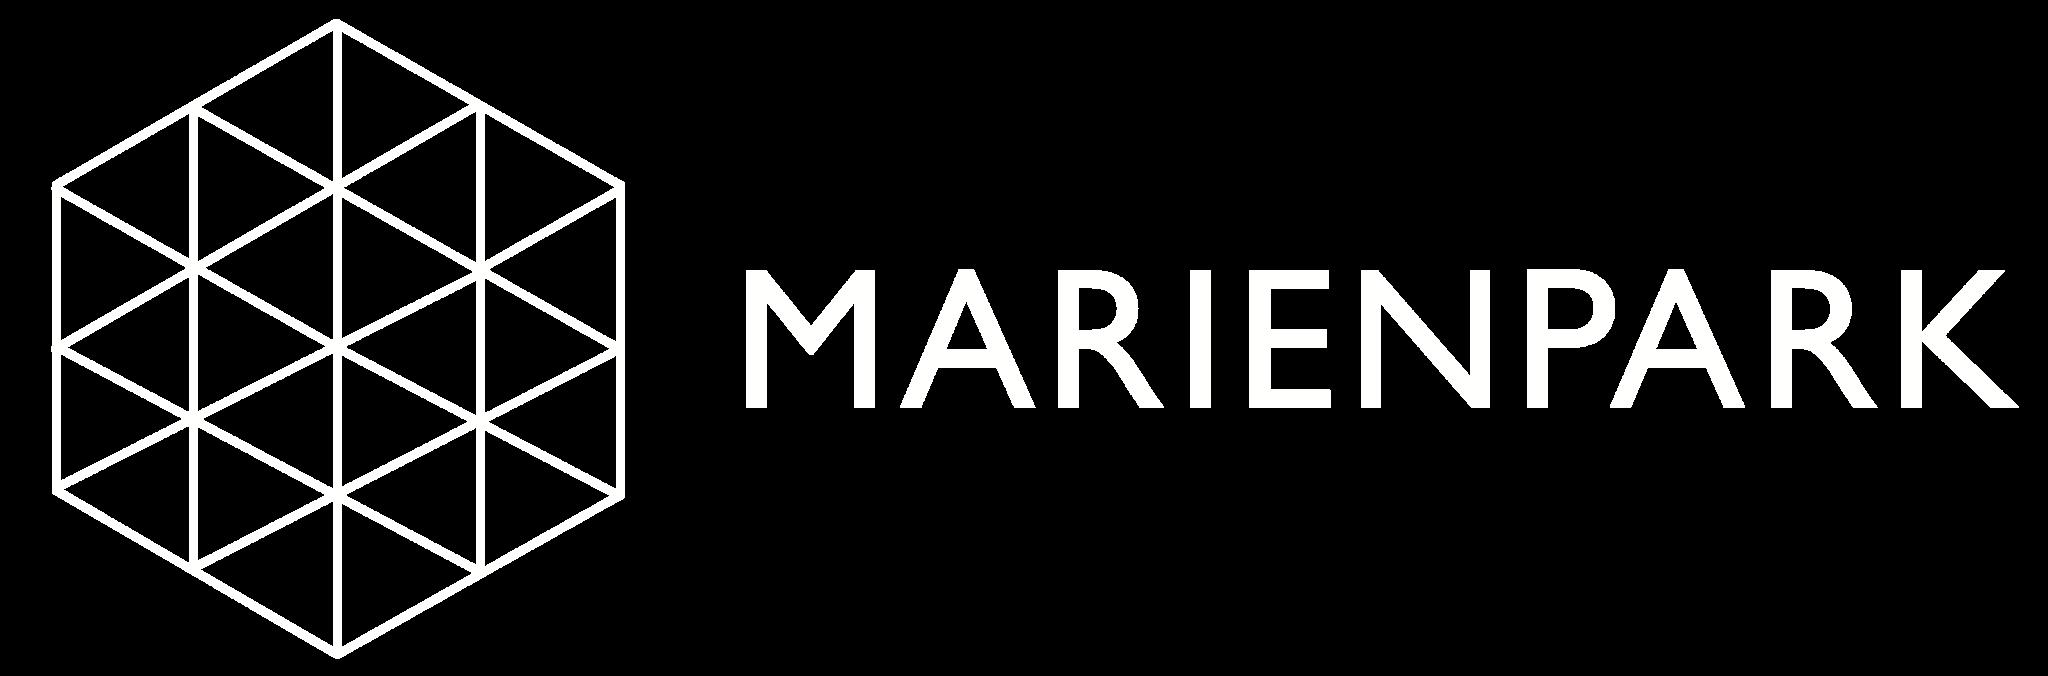 Marienpark Berlin Logo